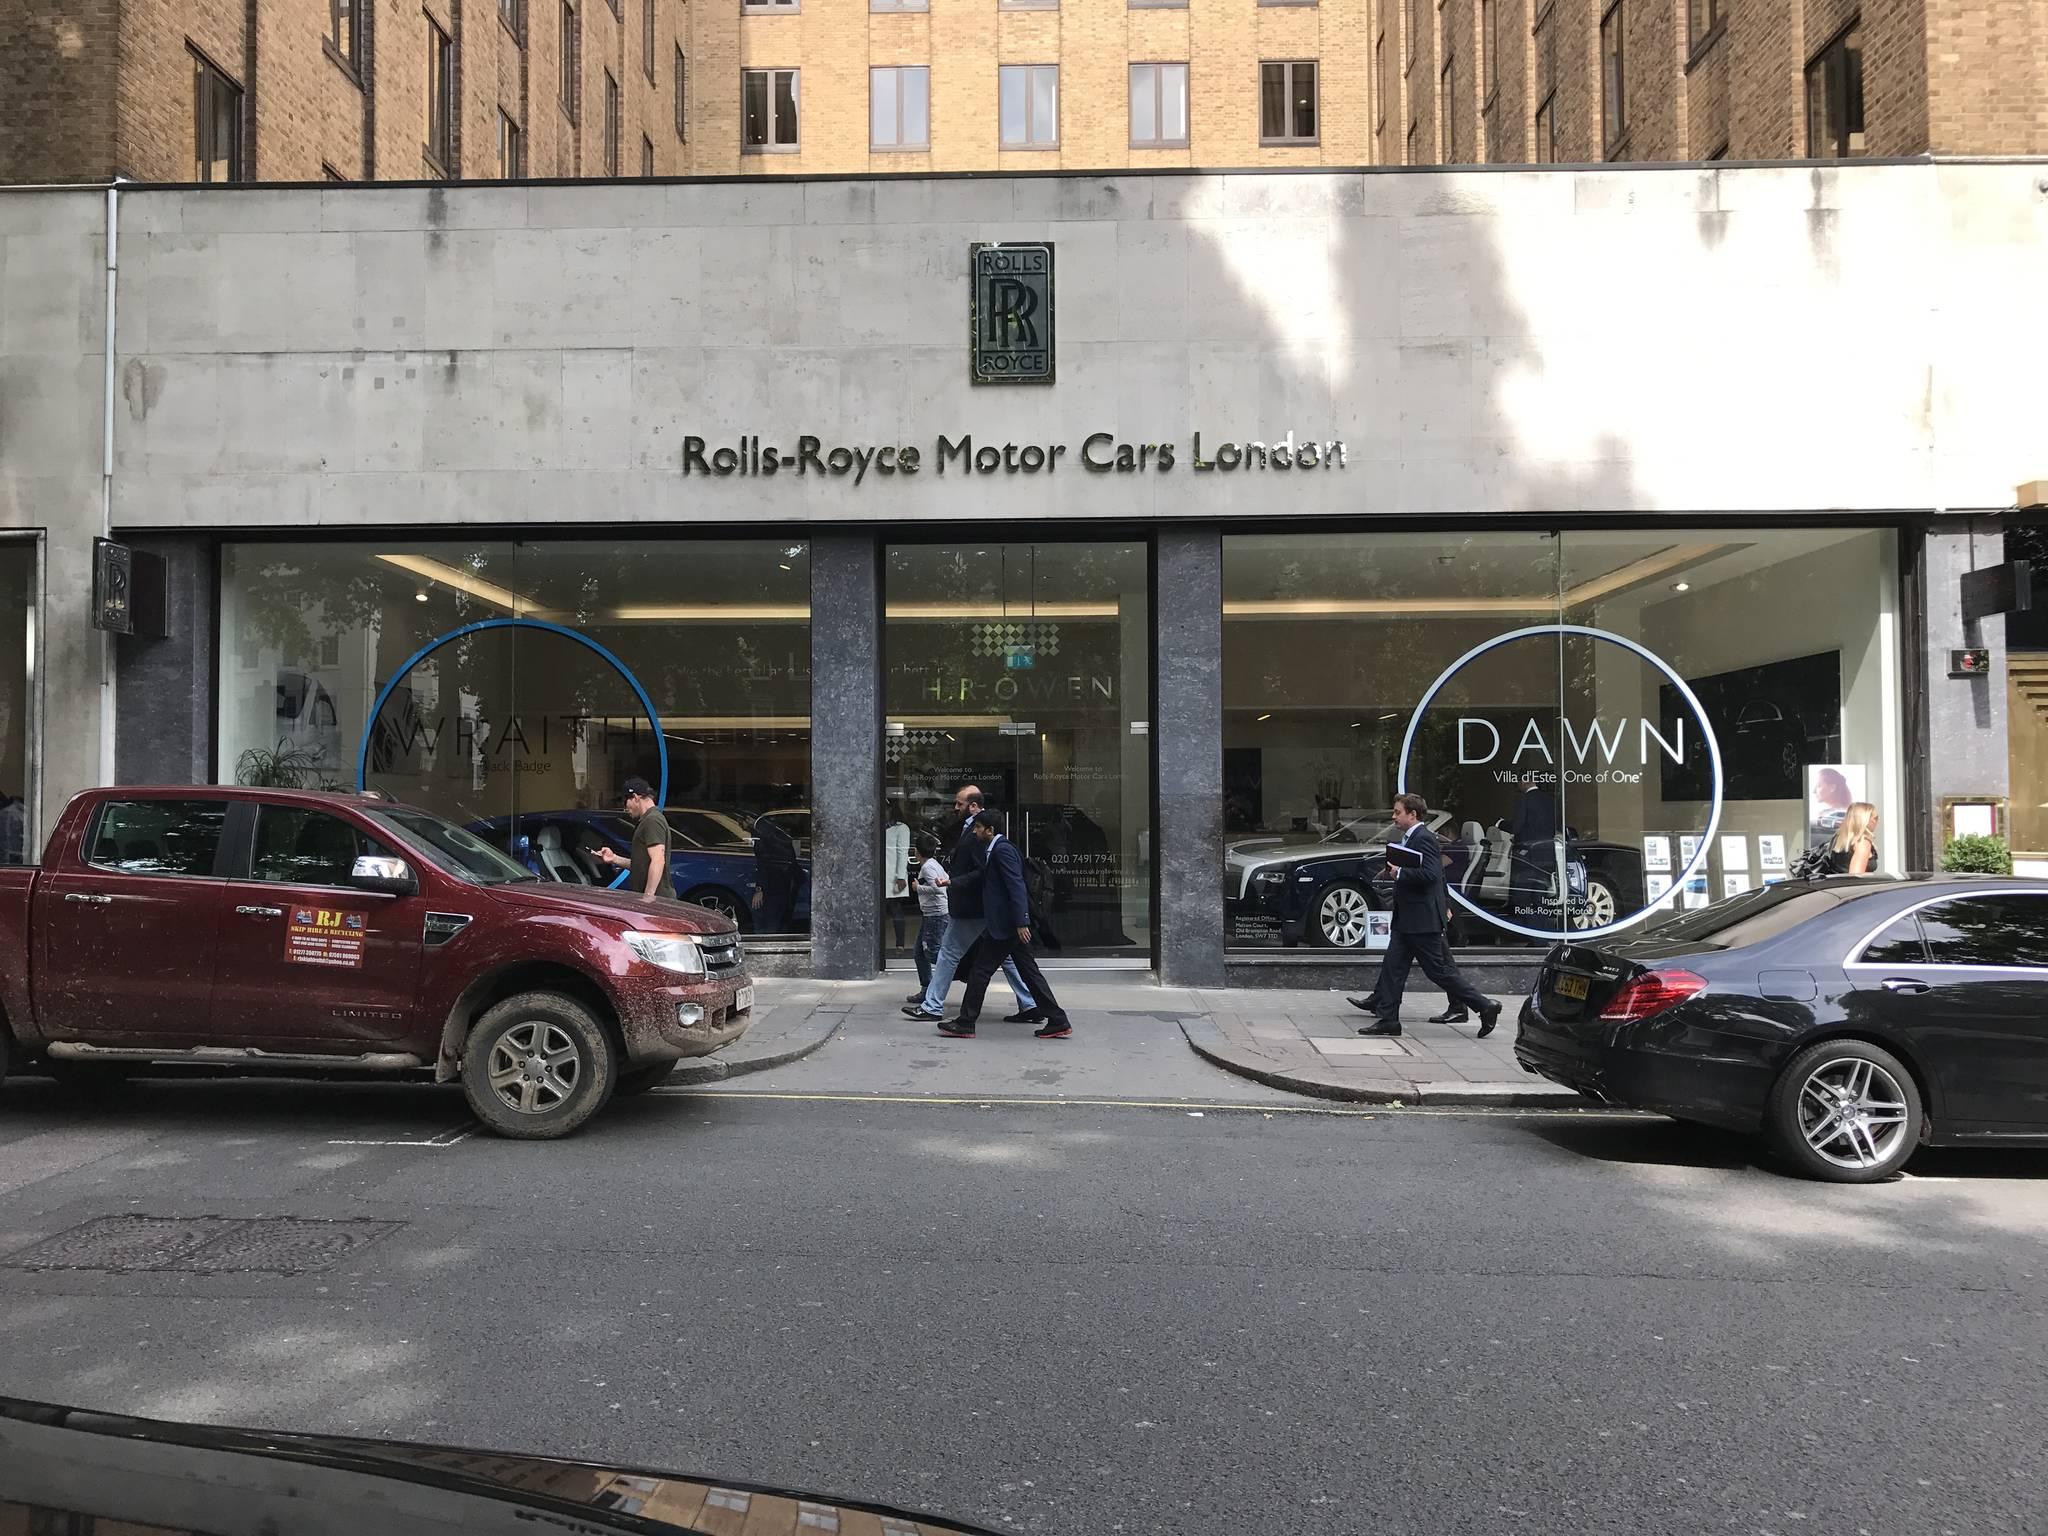 런던 메이페어에 위치한 롤스로이스 전시장. 바로 옆엔 벤틀리 전시장이 붙어있다. 박상욱 기자